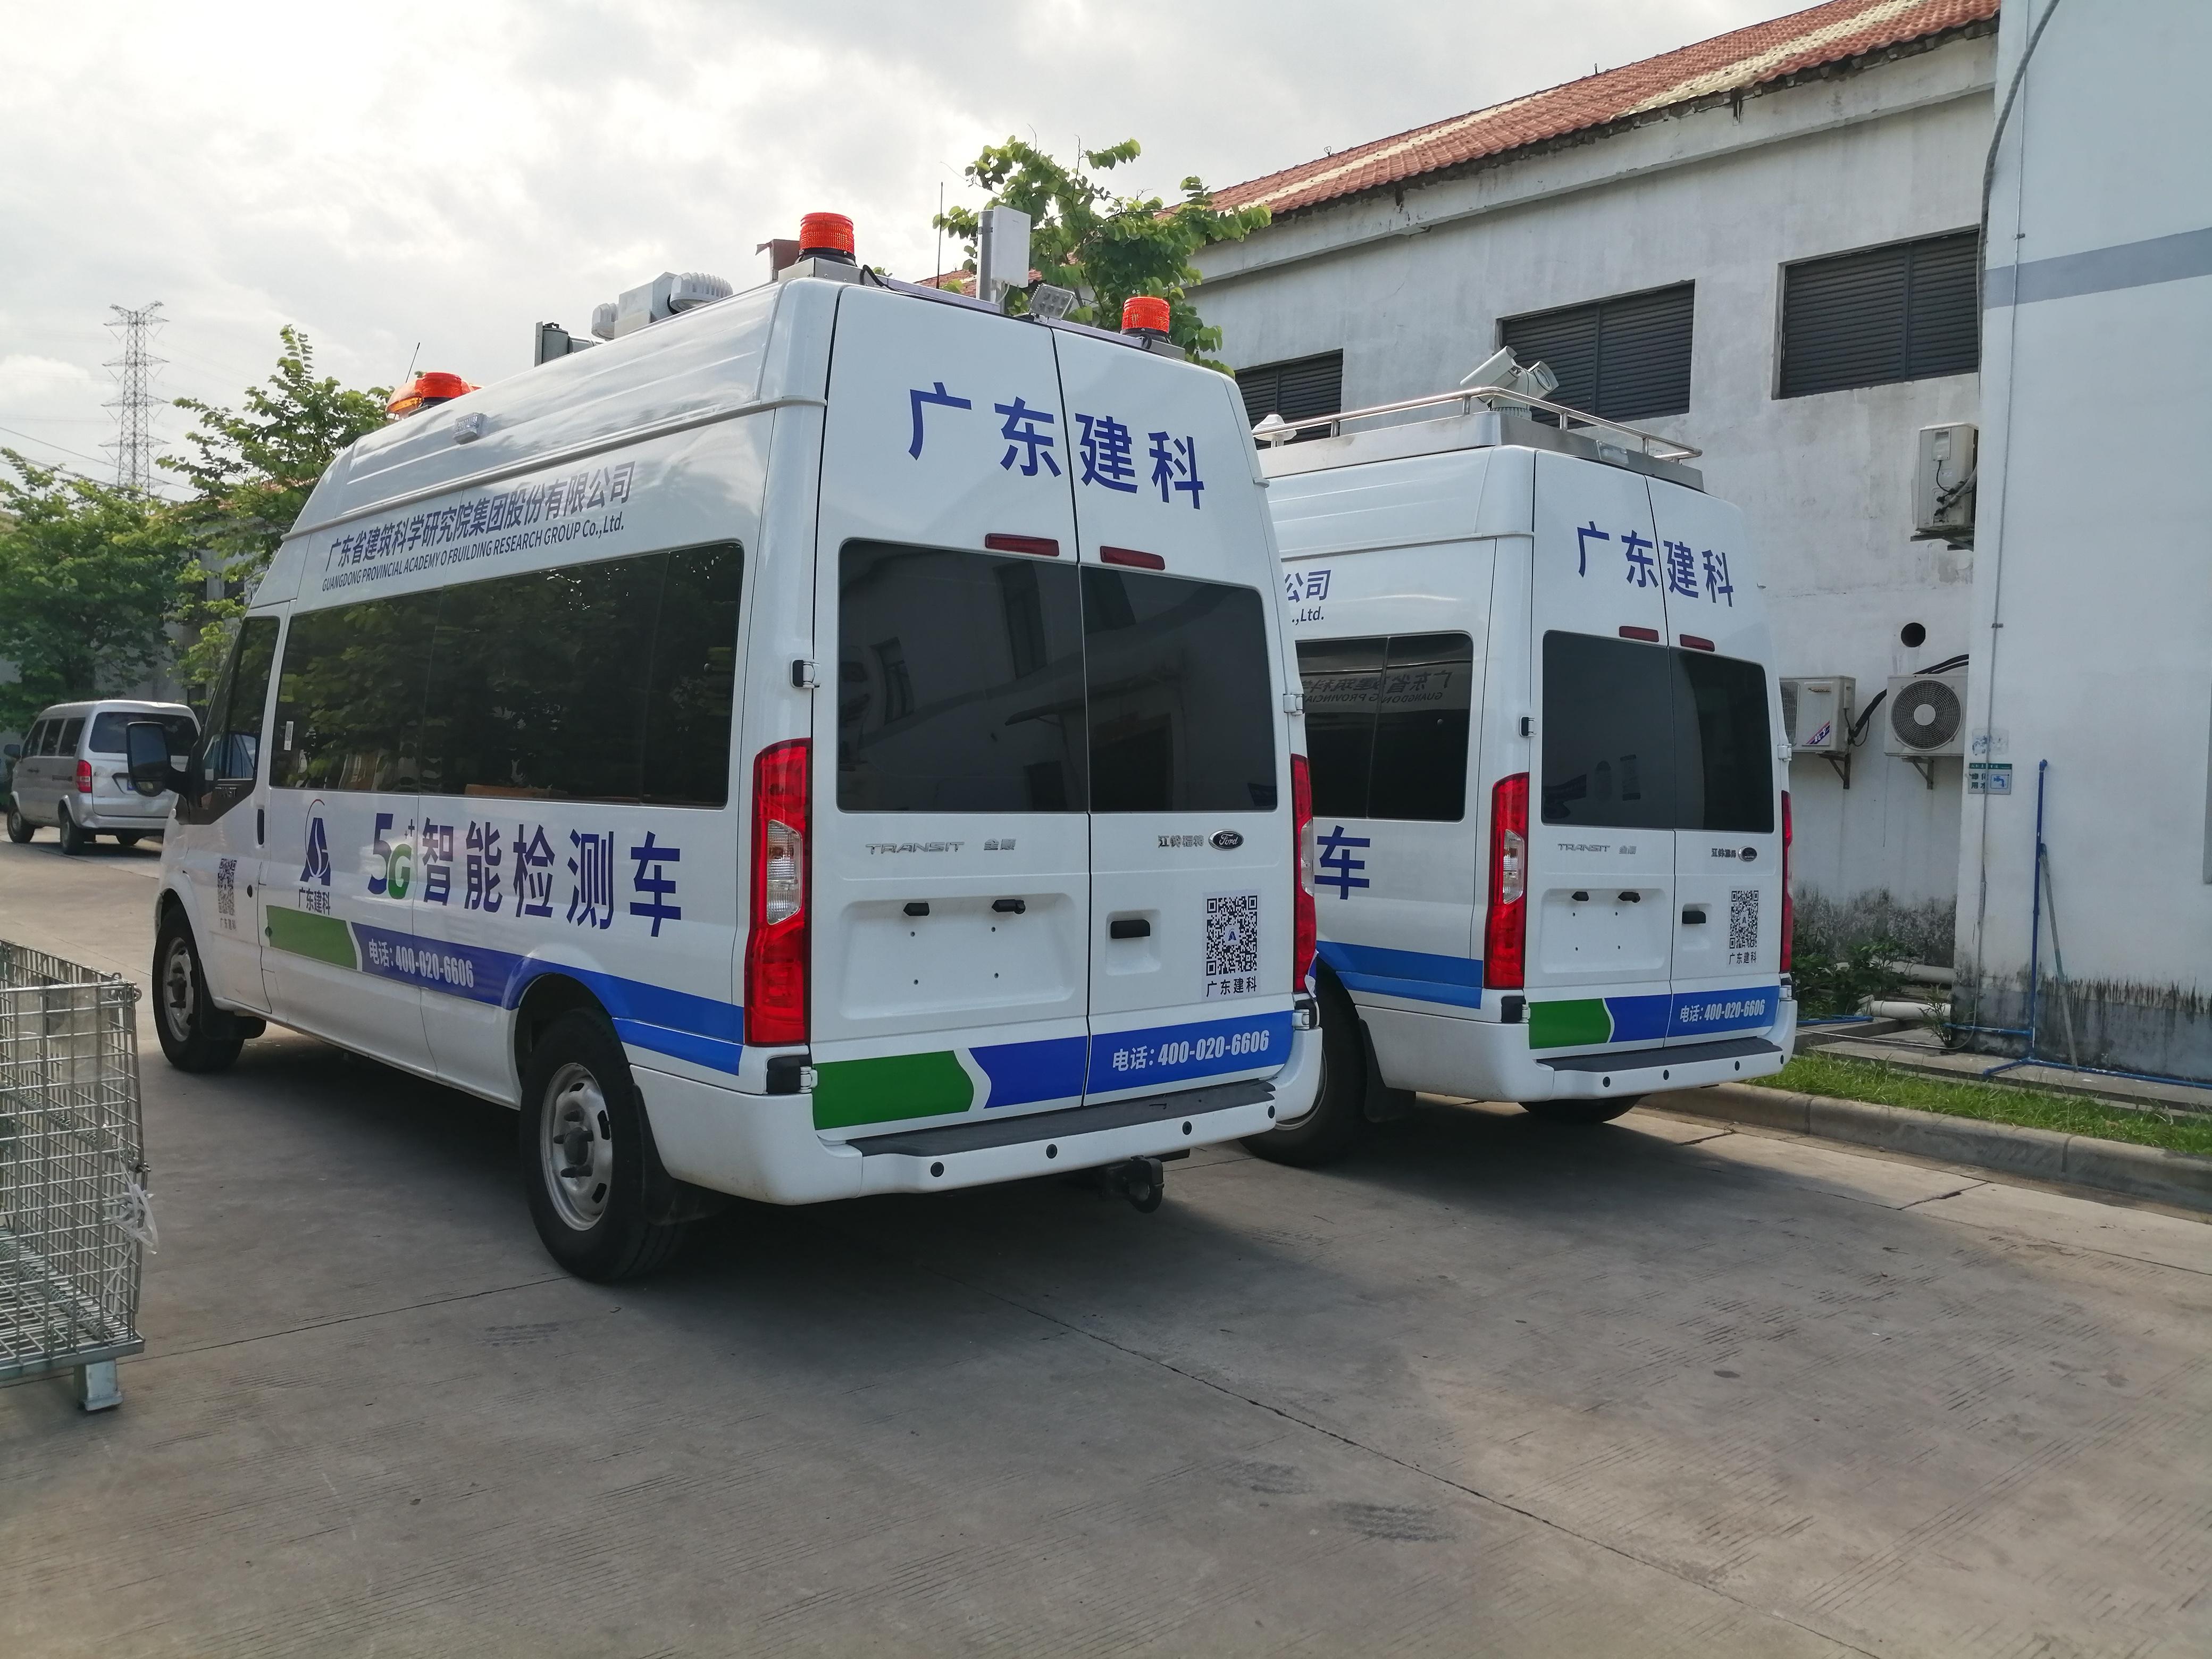 我公司为广东建科院研制的应急抢险显担当——广东建科院5G智能检测车在应急抢险中展露硬核实力